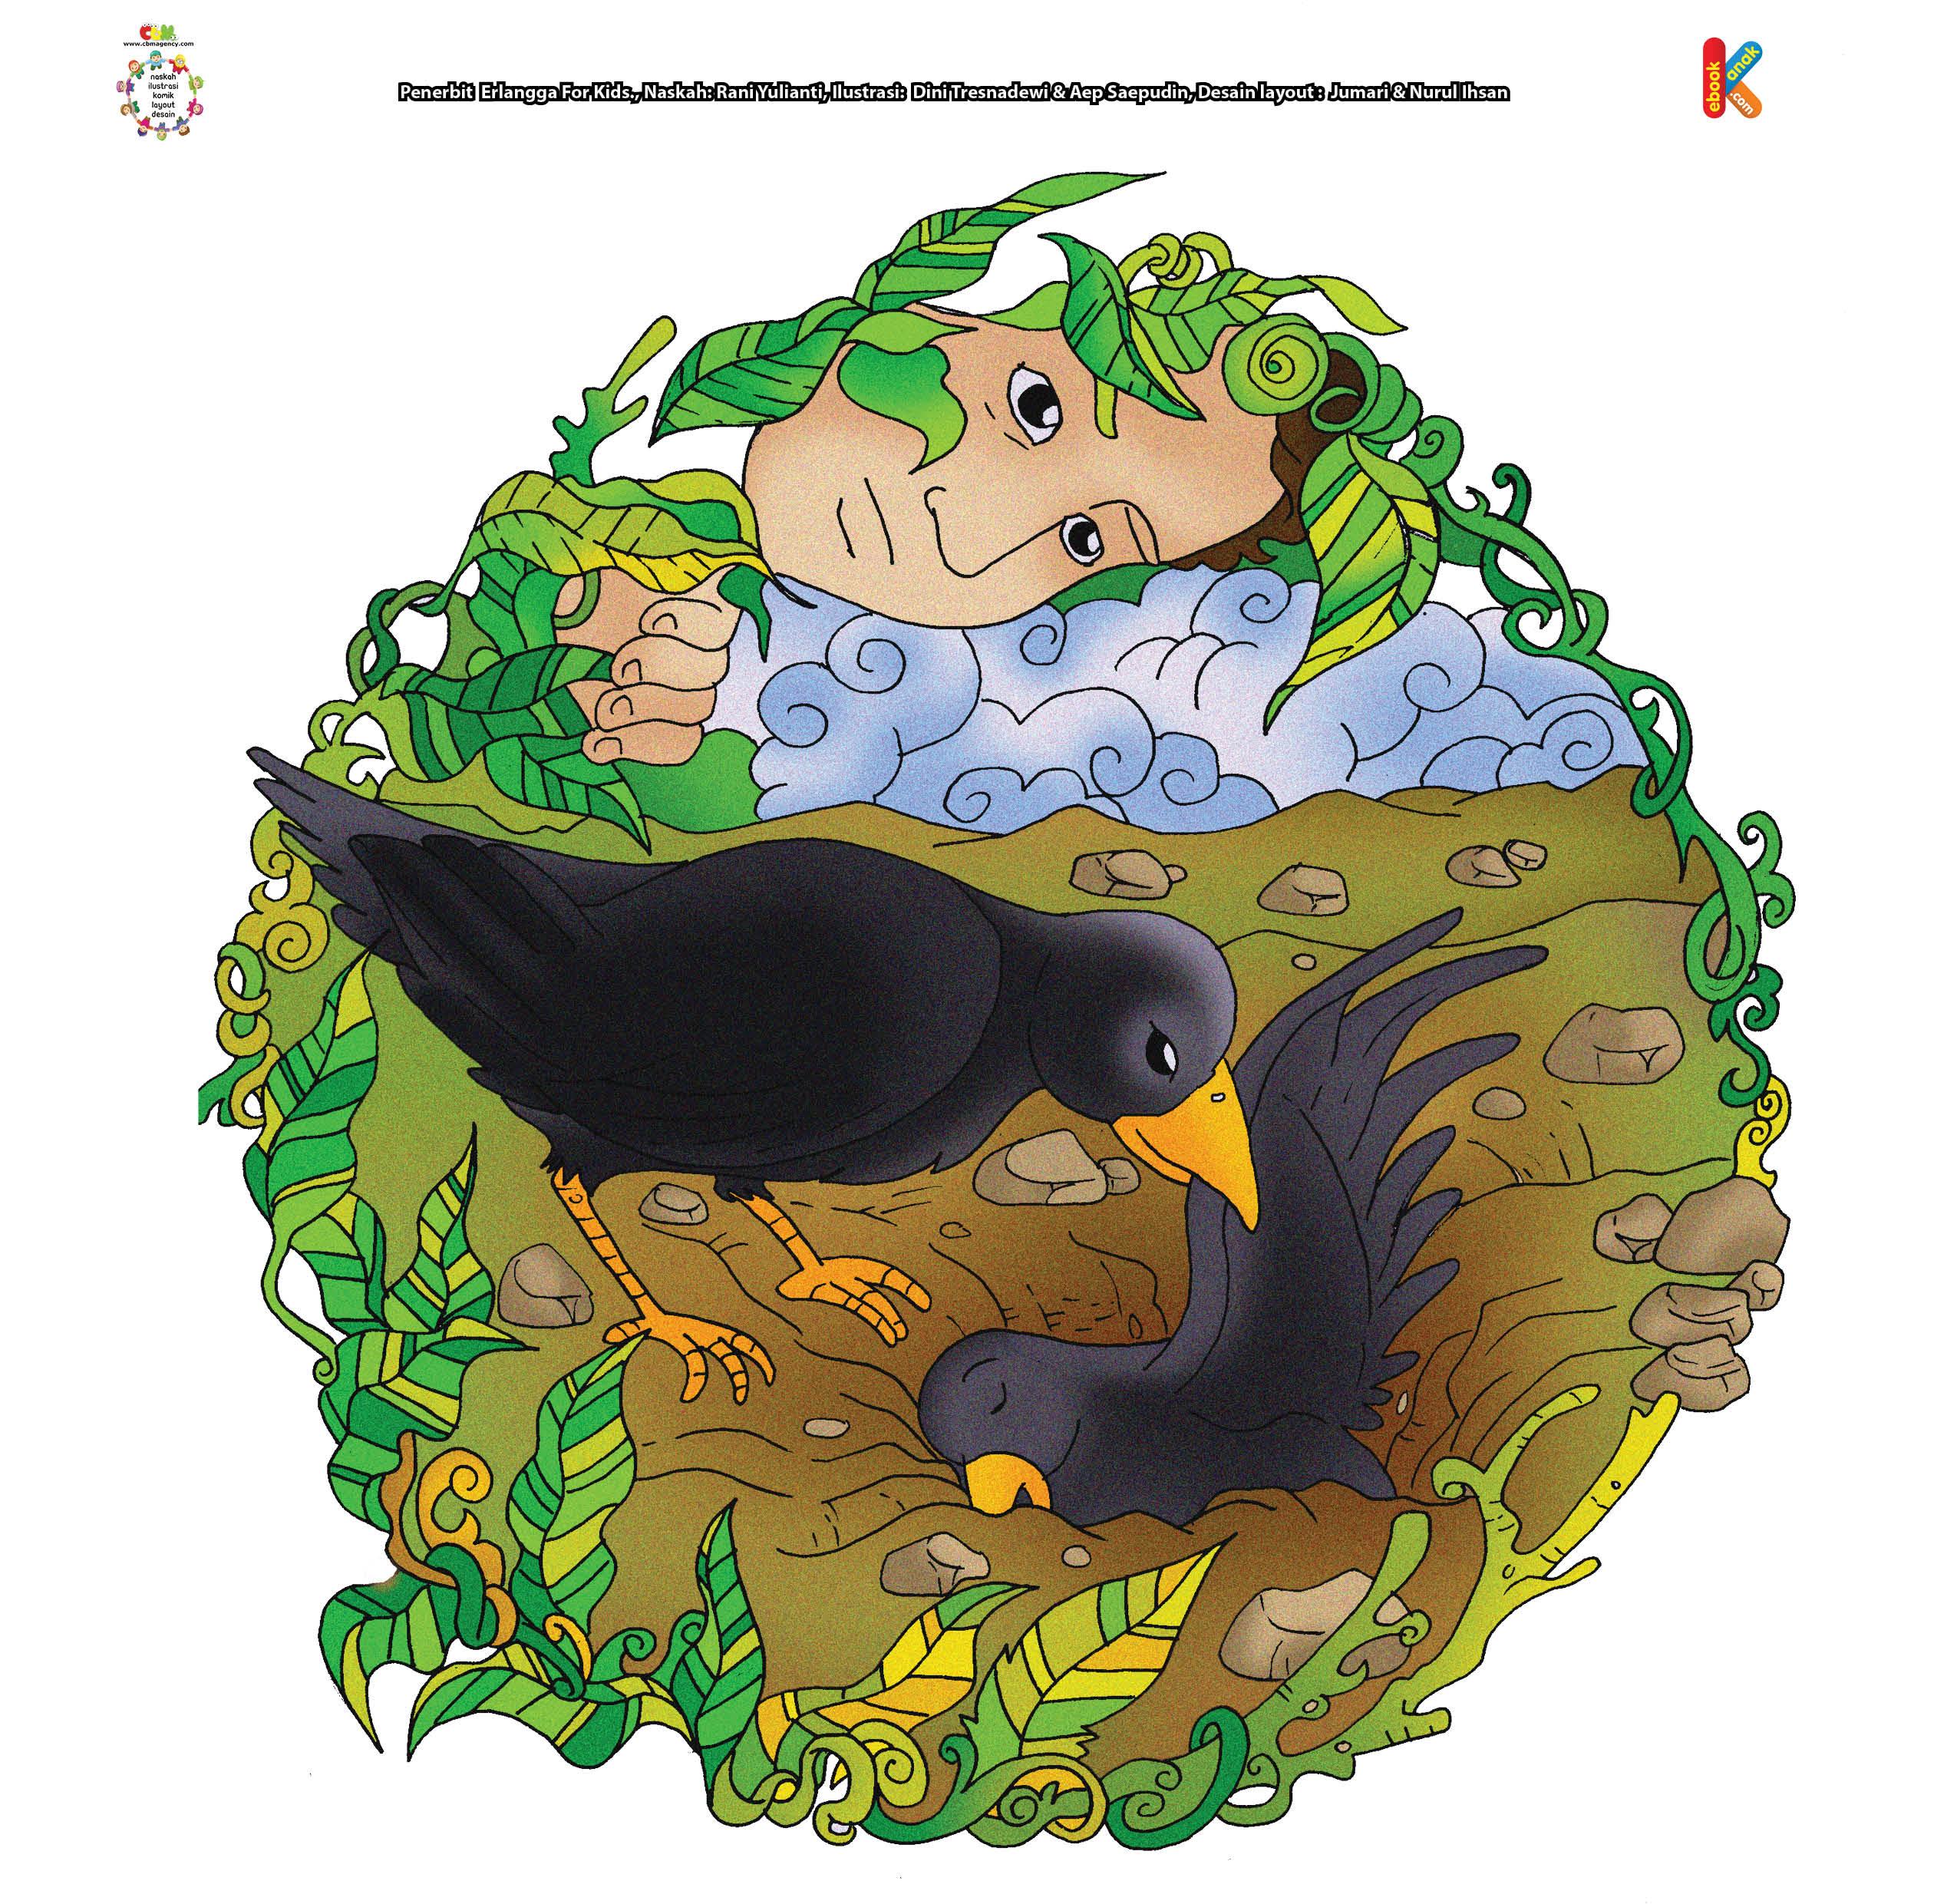 Kedua burung gagak berkelahi. Salah satu burung gagak ada yang mati.